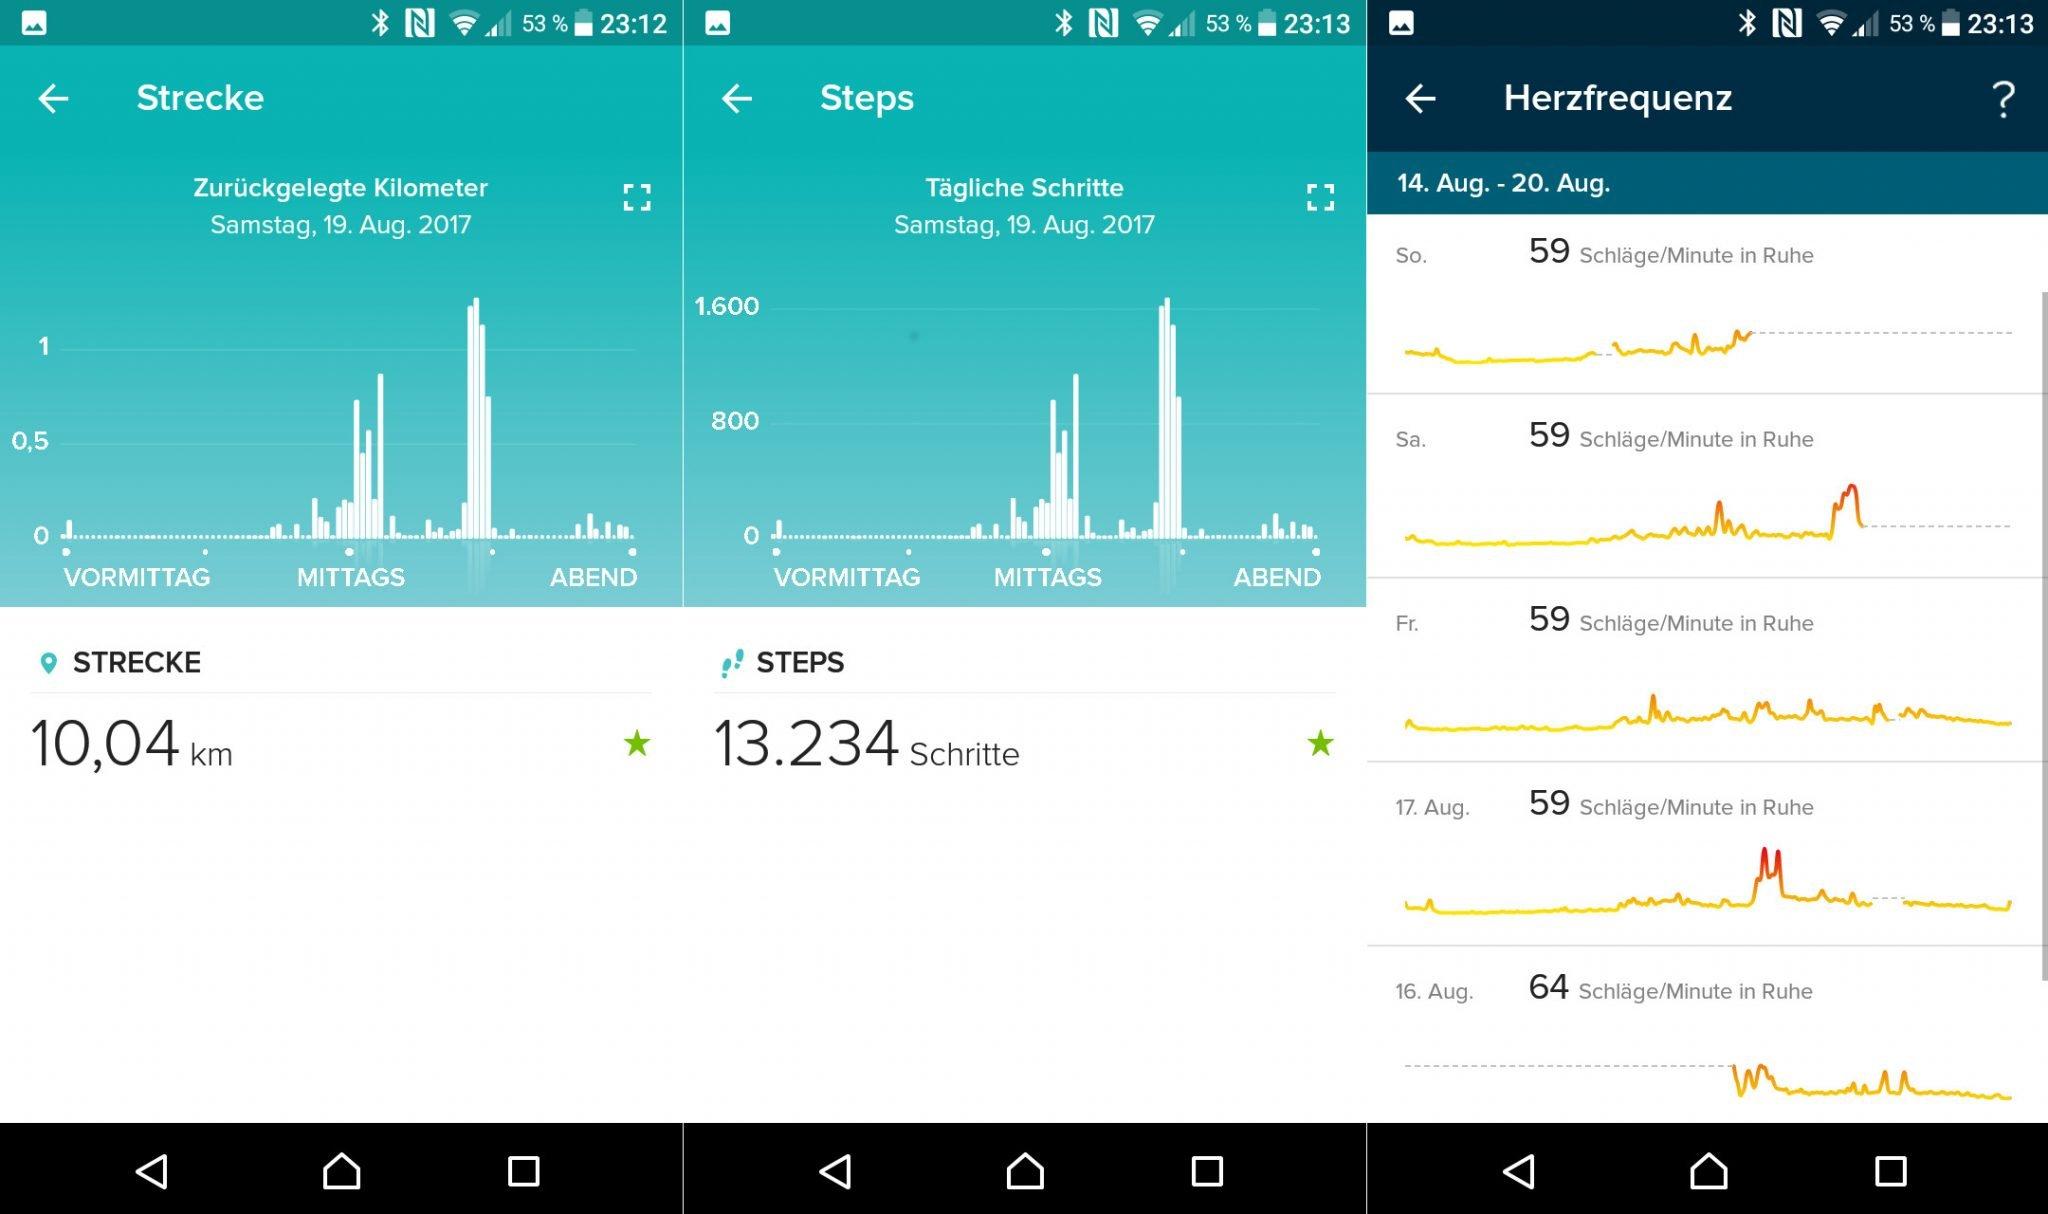 Kilometer, Schritte und Herzfrequenz korrelieren: Schöne Übersichten in der Fitbit-App (Screenshots: Peter Giesecke)